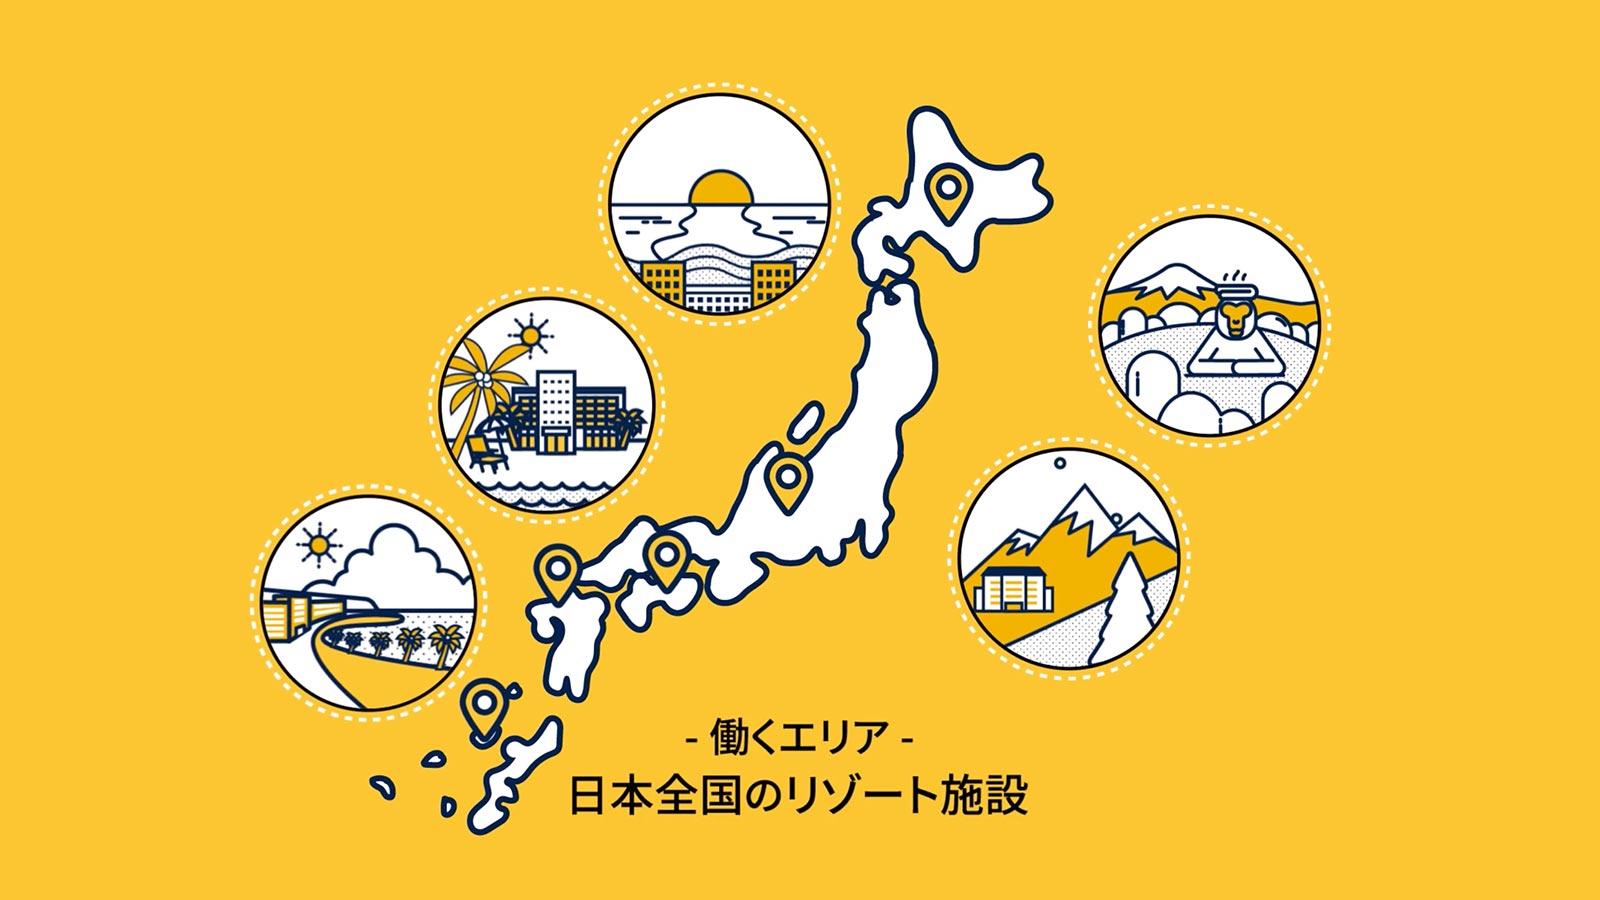 日本全国のリゾート施設